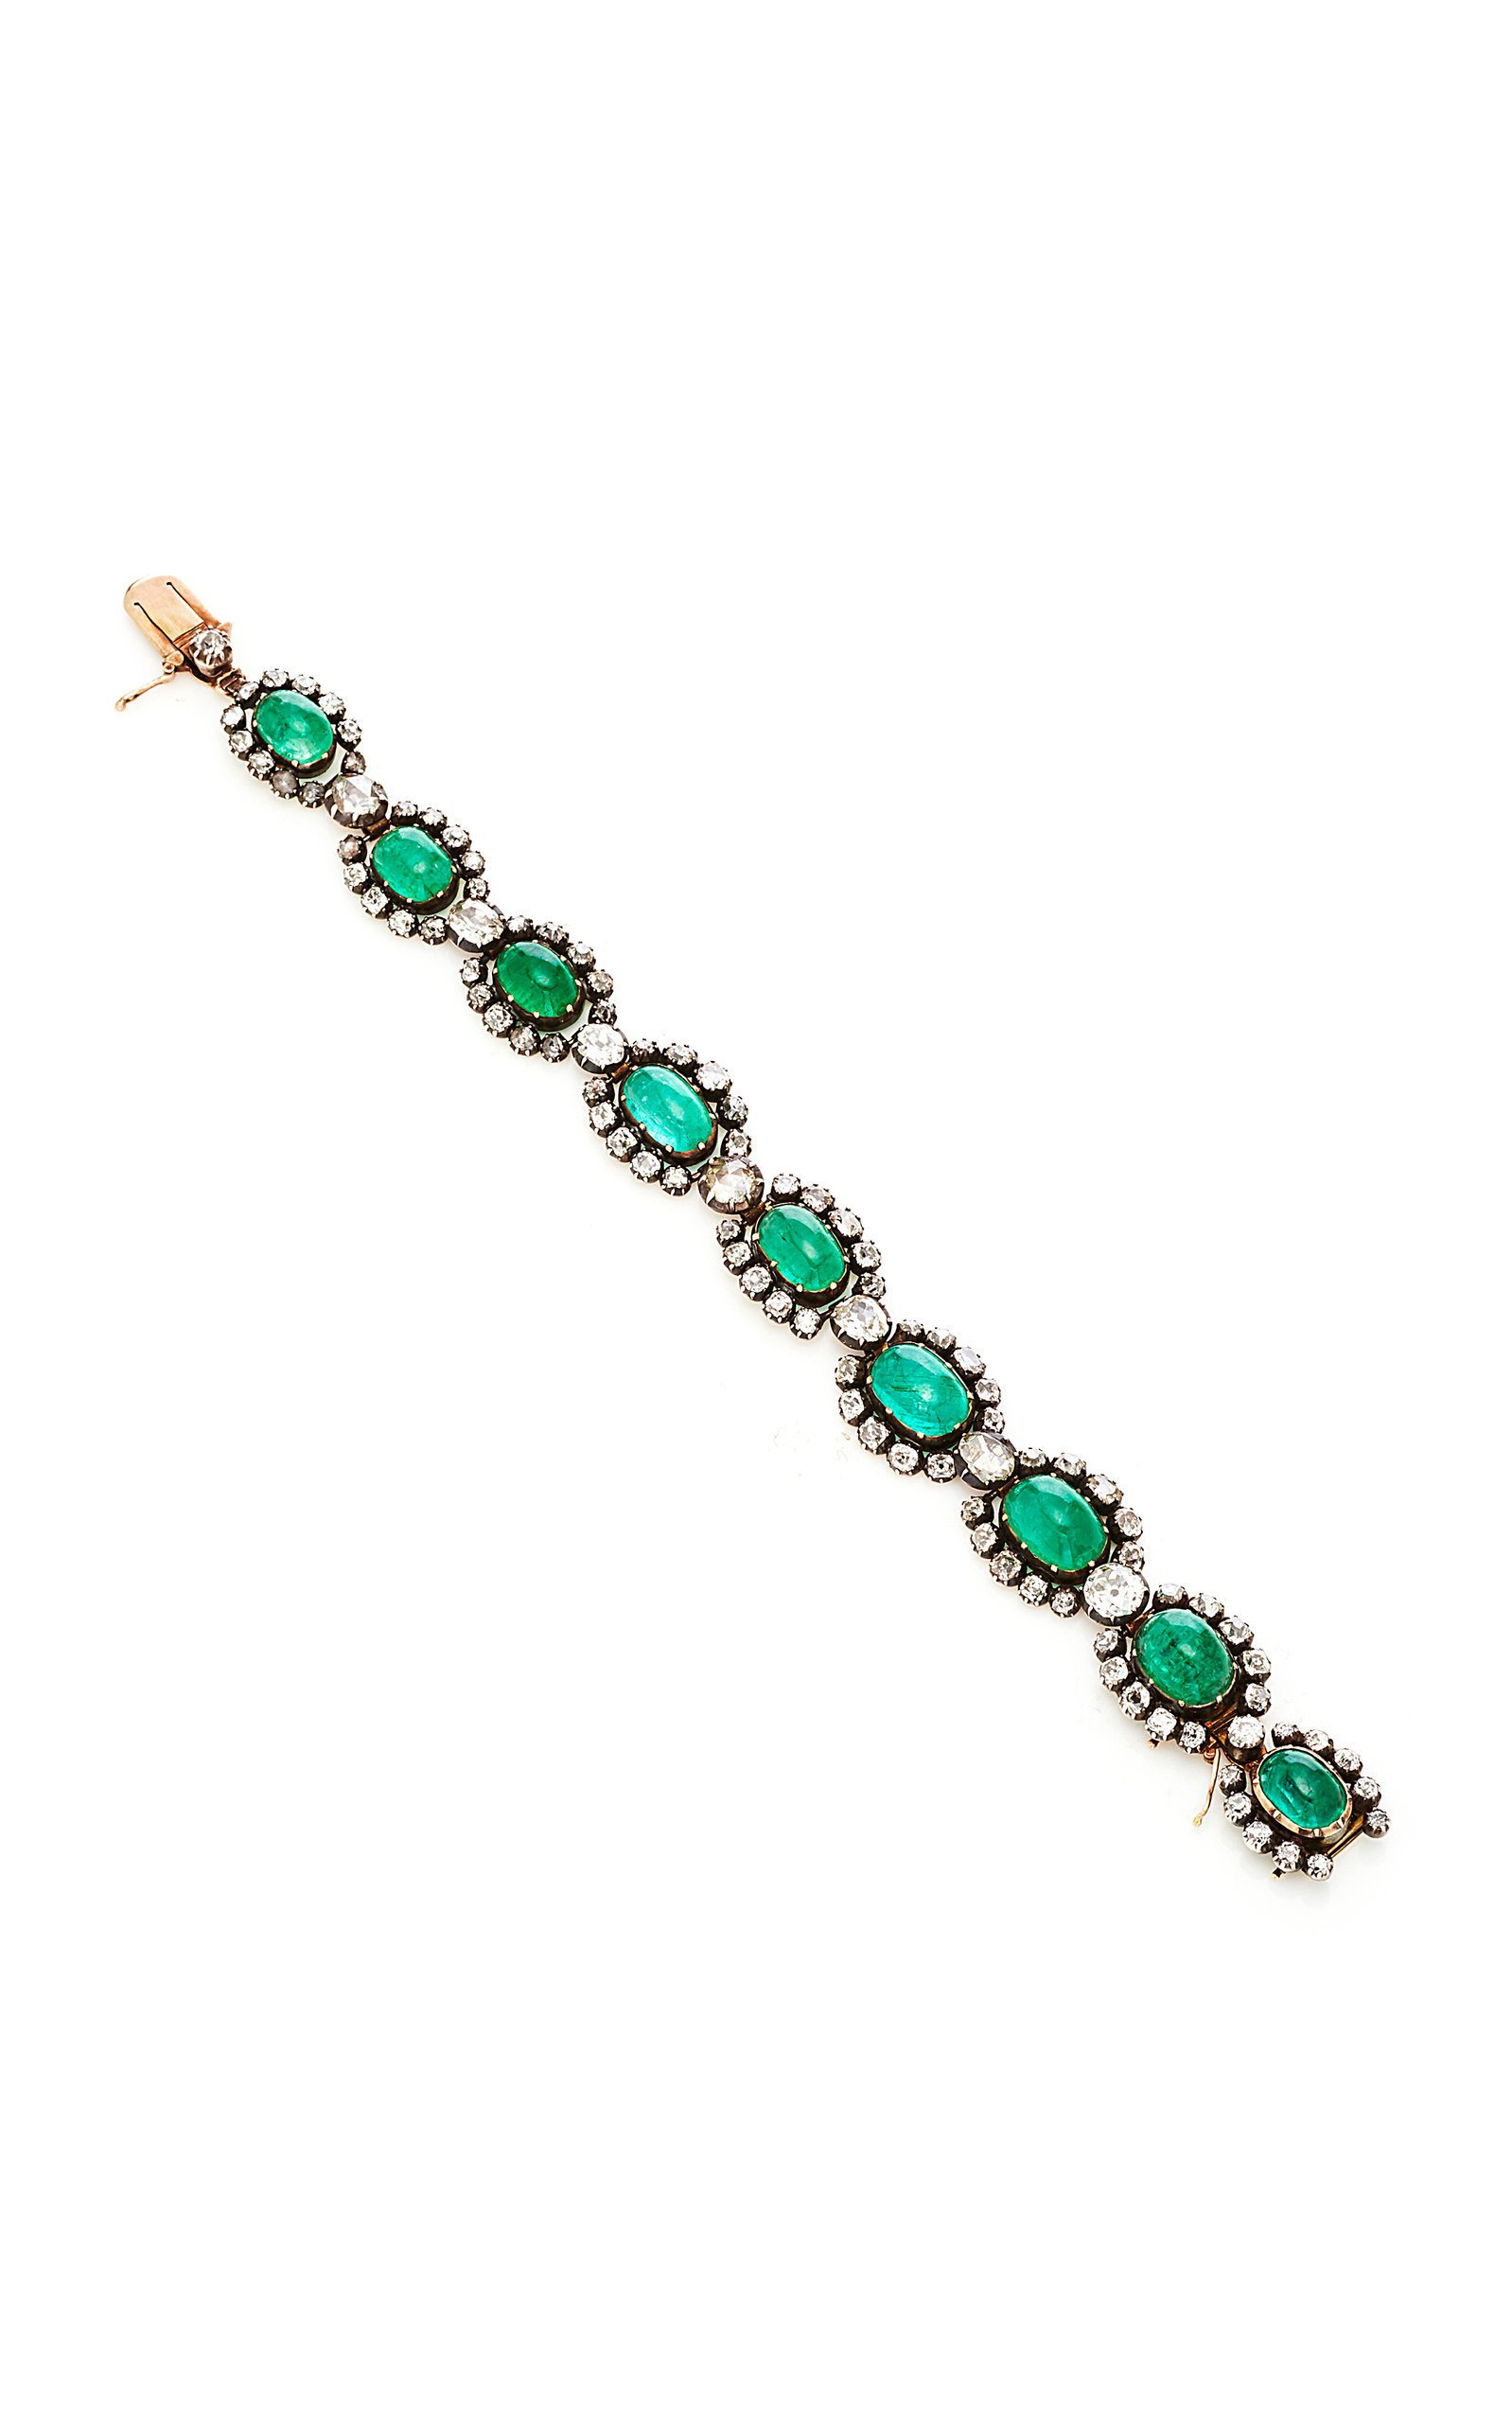 Simon Teakle Antique Emerald Necklace